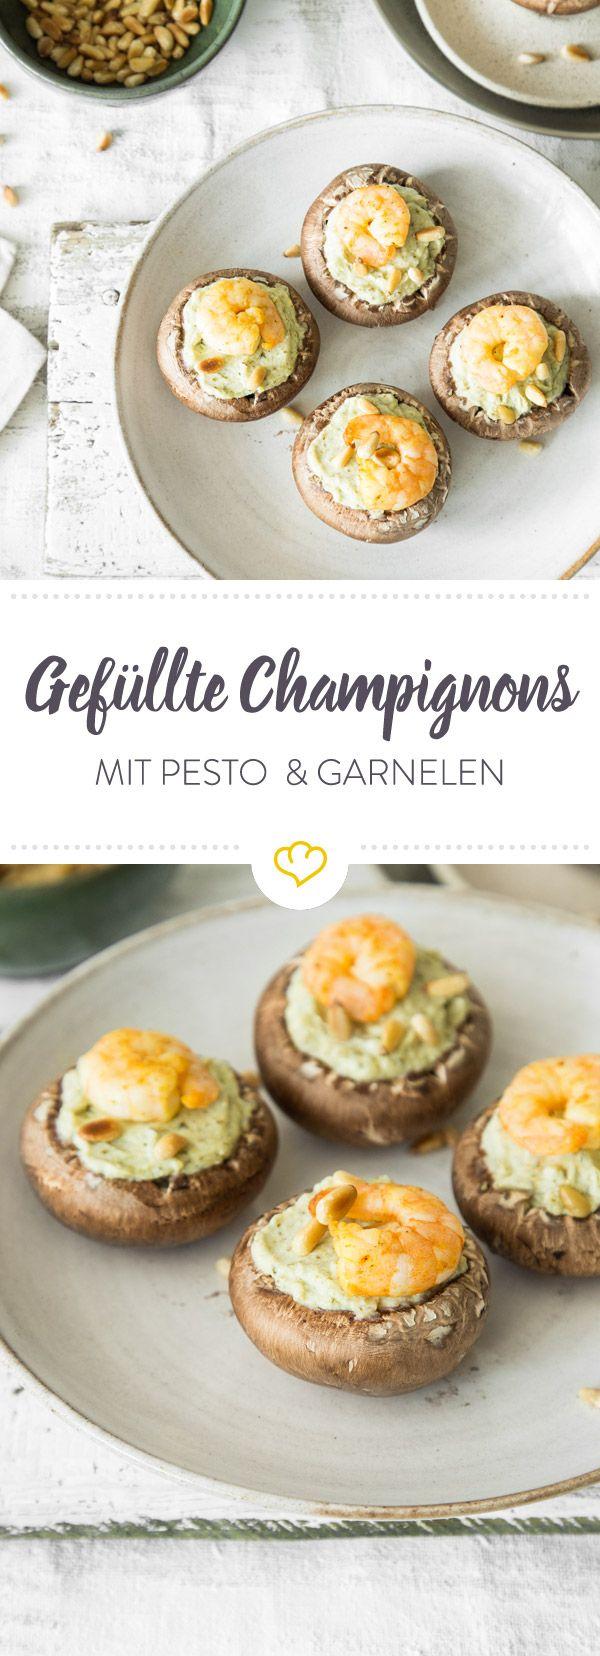 Mit einer Füllung aus Ricotta, Pesto, Garnelen und Pinienkernen werden deine Champignons zu himmlisch leichten Leckerbissen - auch optisch ein Genuss!